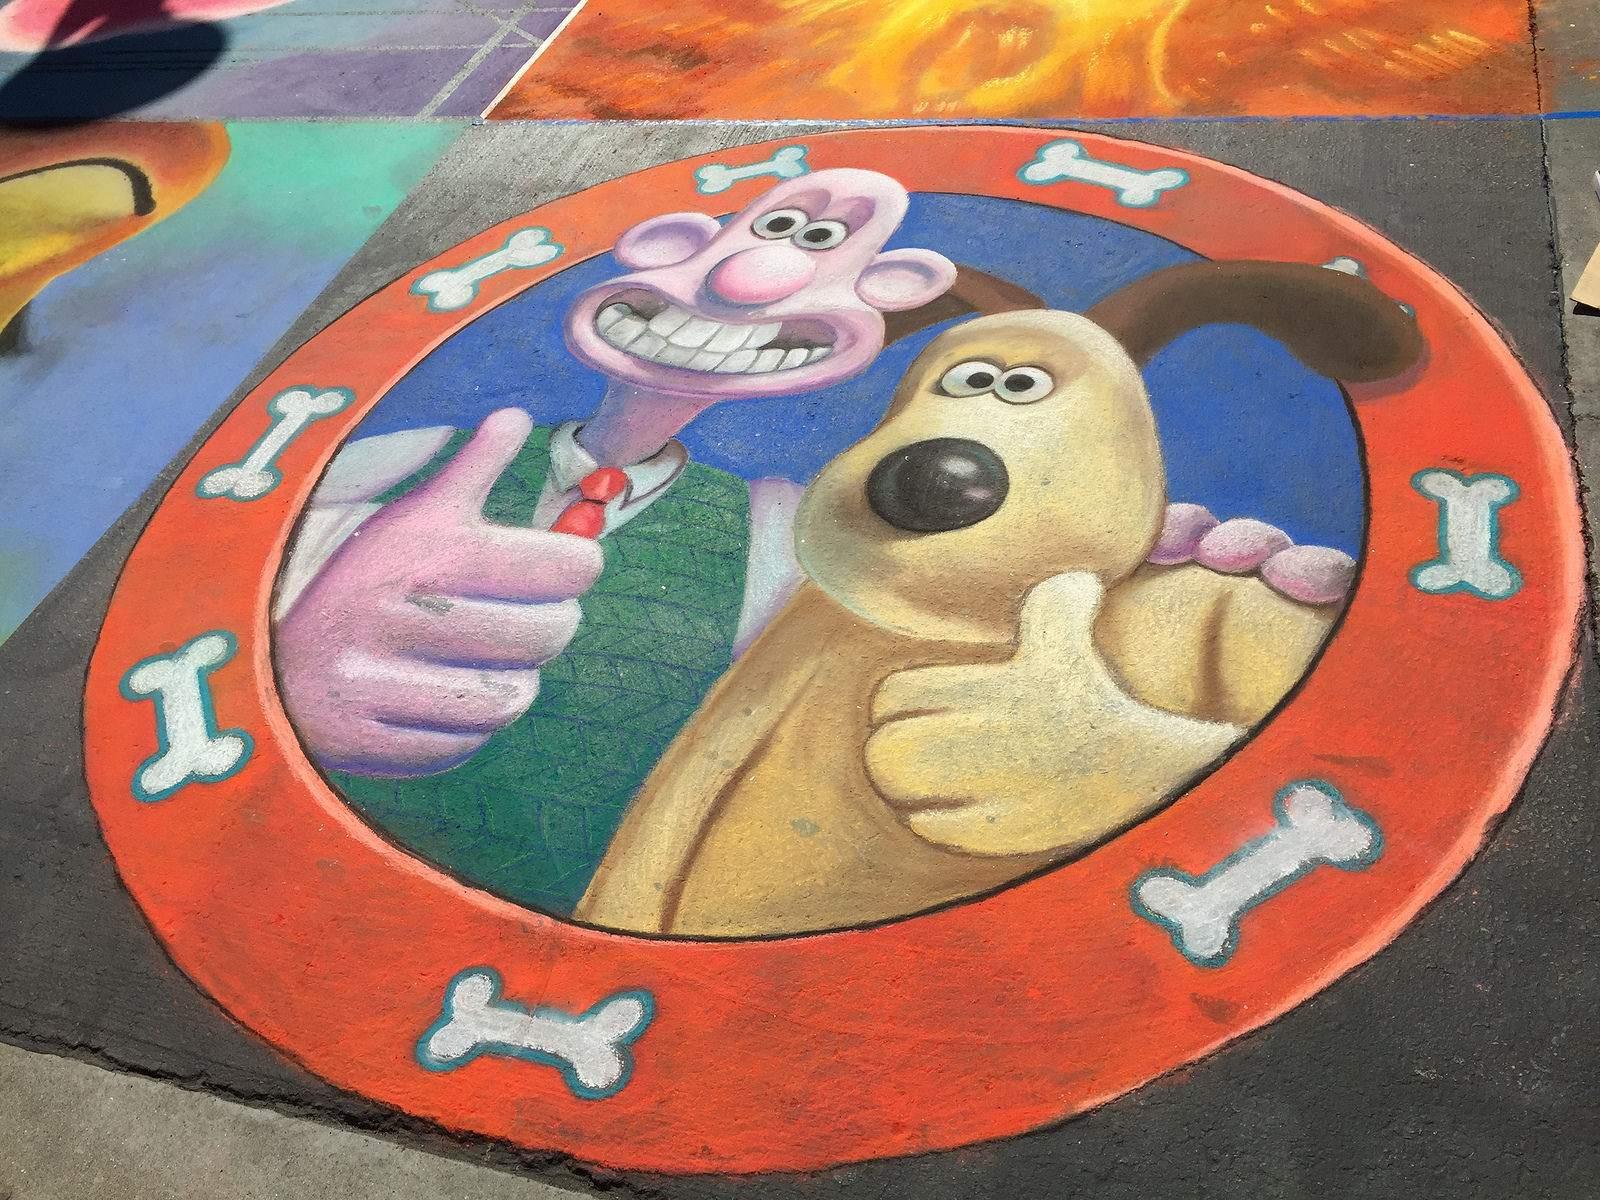 chalk festival Chalk Festival in Westlake Shopping Center